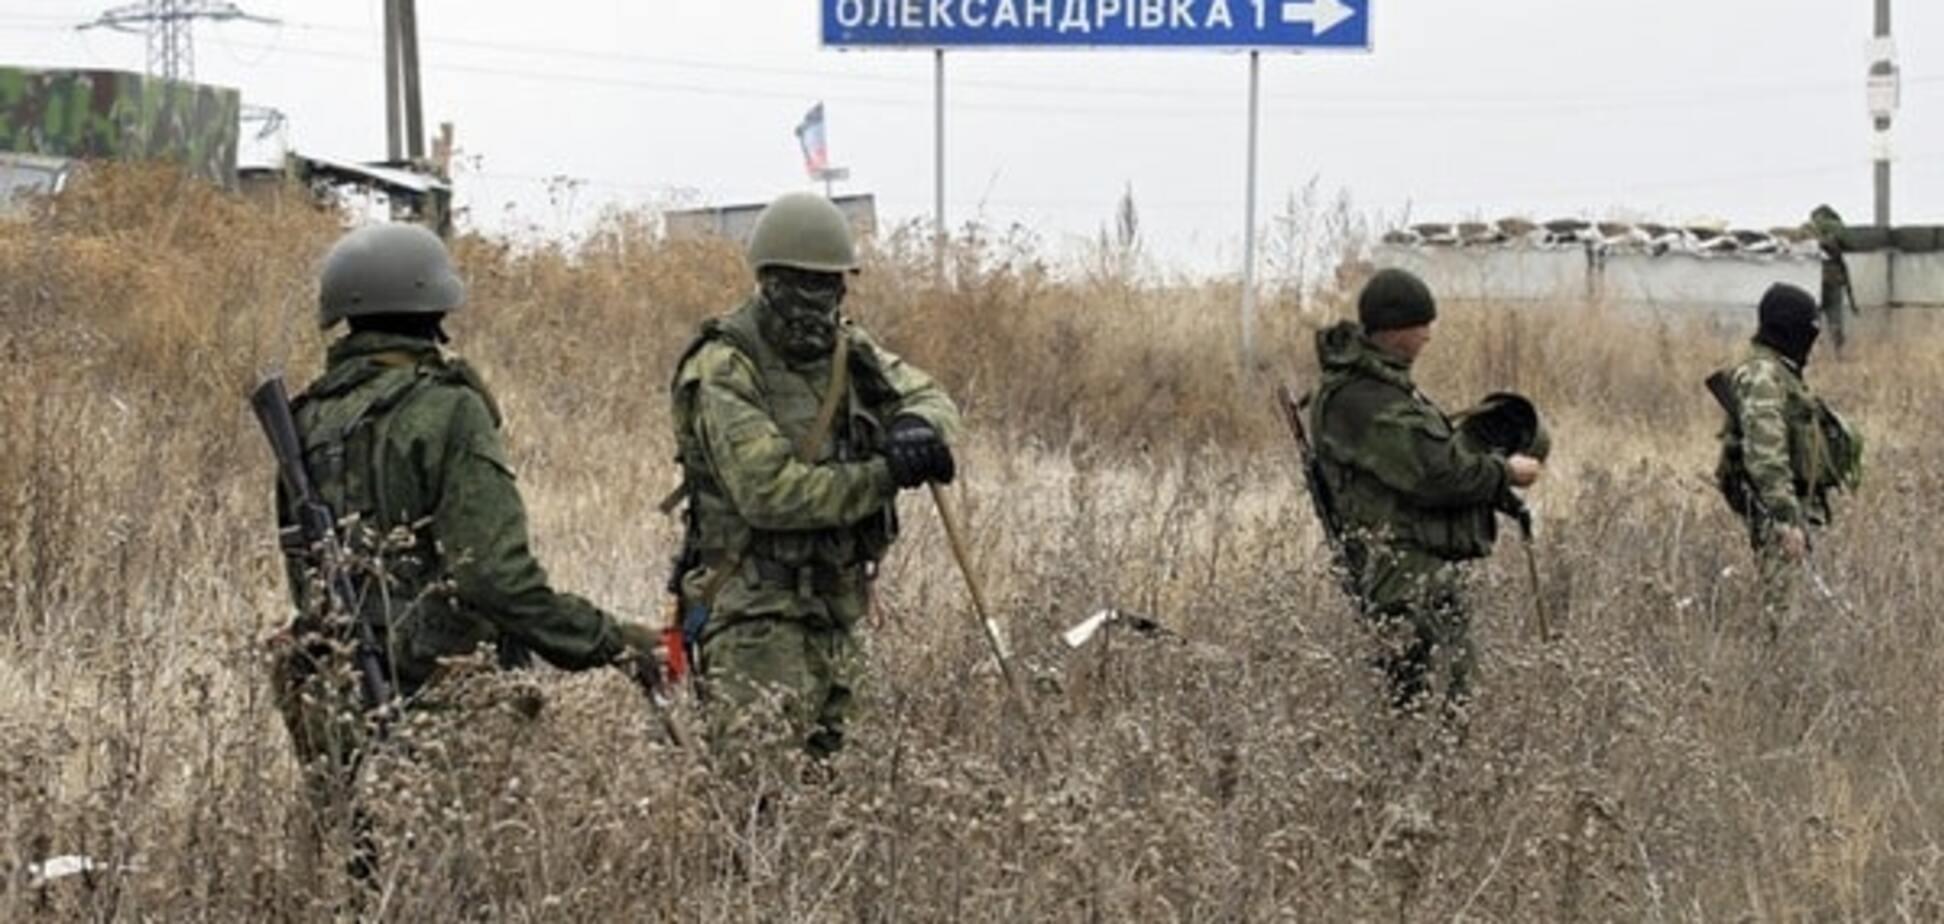 В бой шли с одним патроном: россияне поведали, как они воевали за 'ДНР'